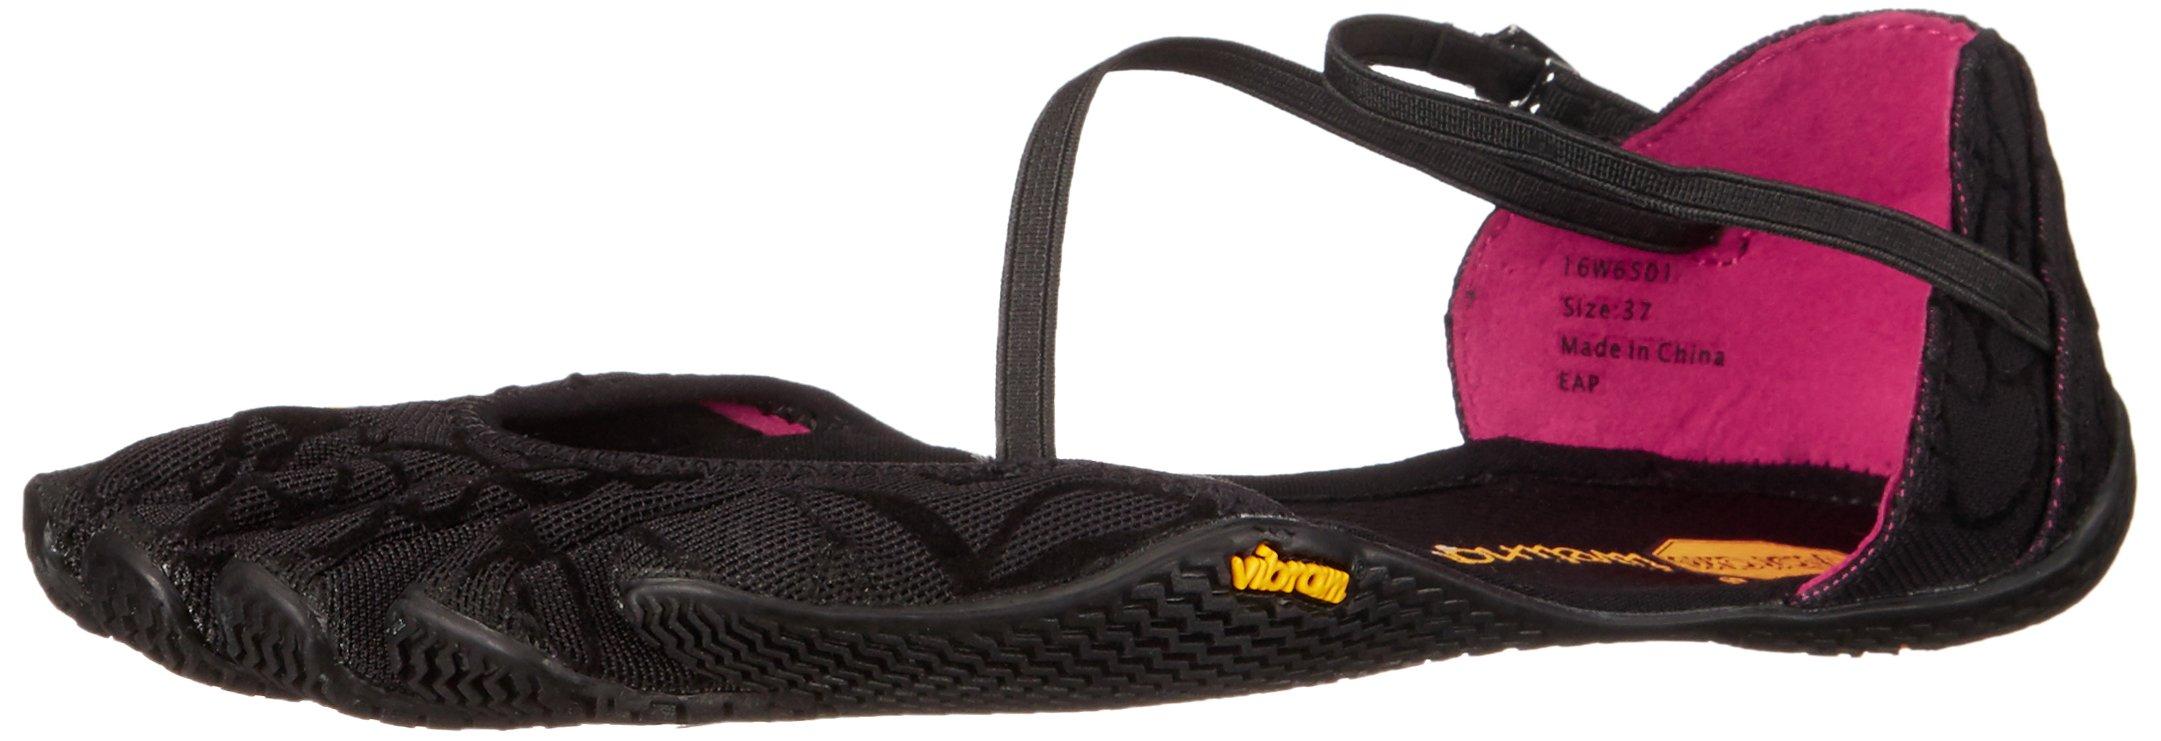 Vibram Women's Vi-S-W Fitness/Yoga Shoe, Black, 40 EU/8 M US